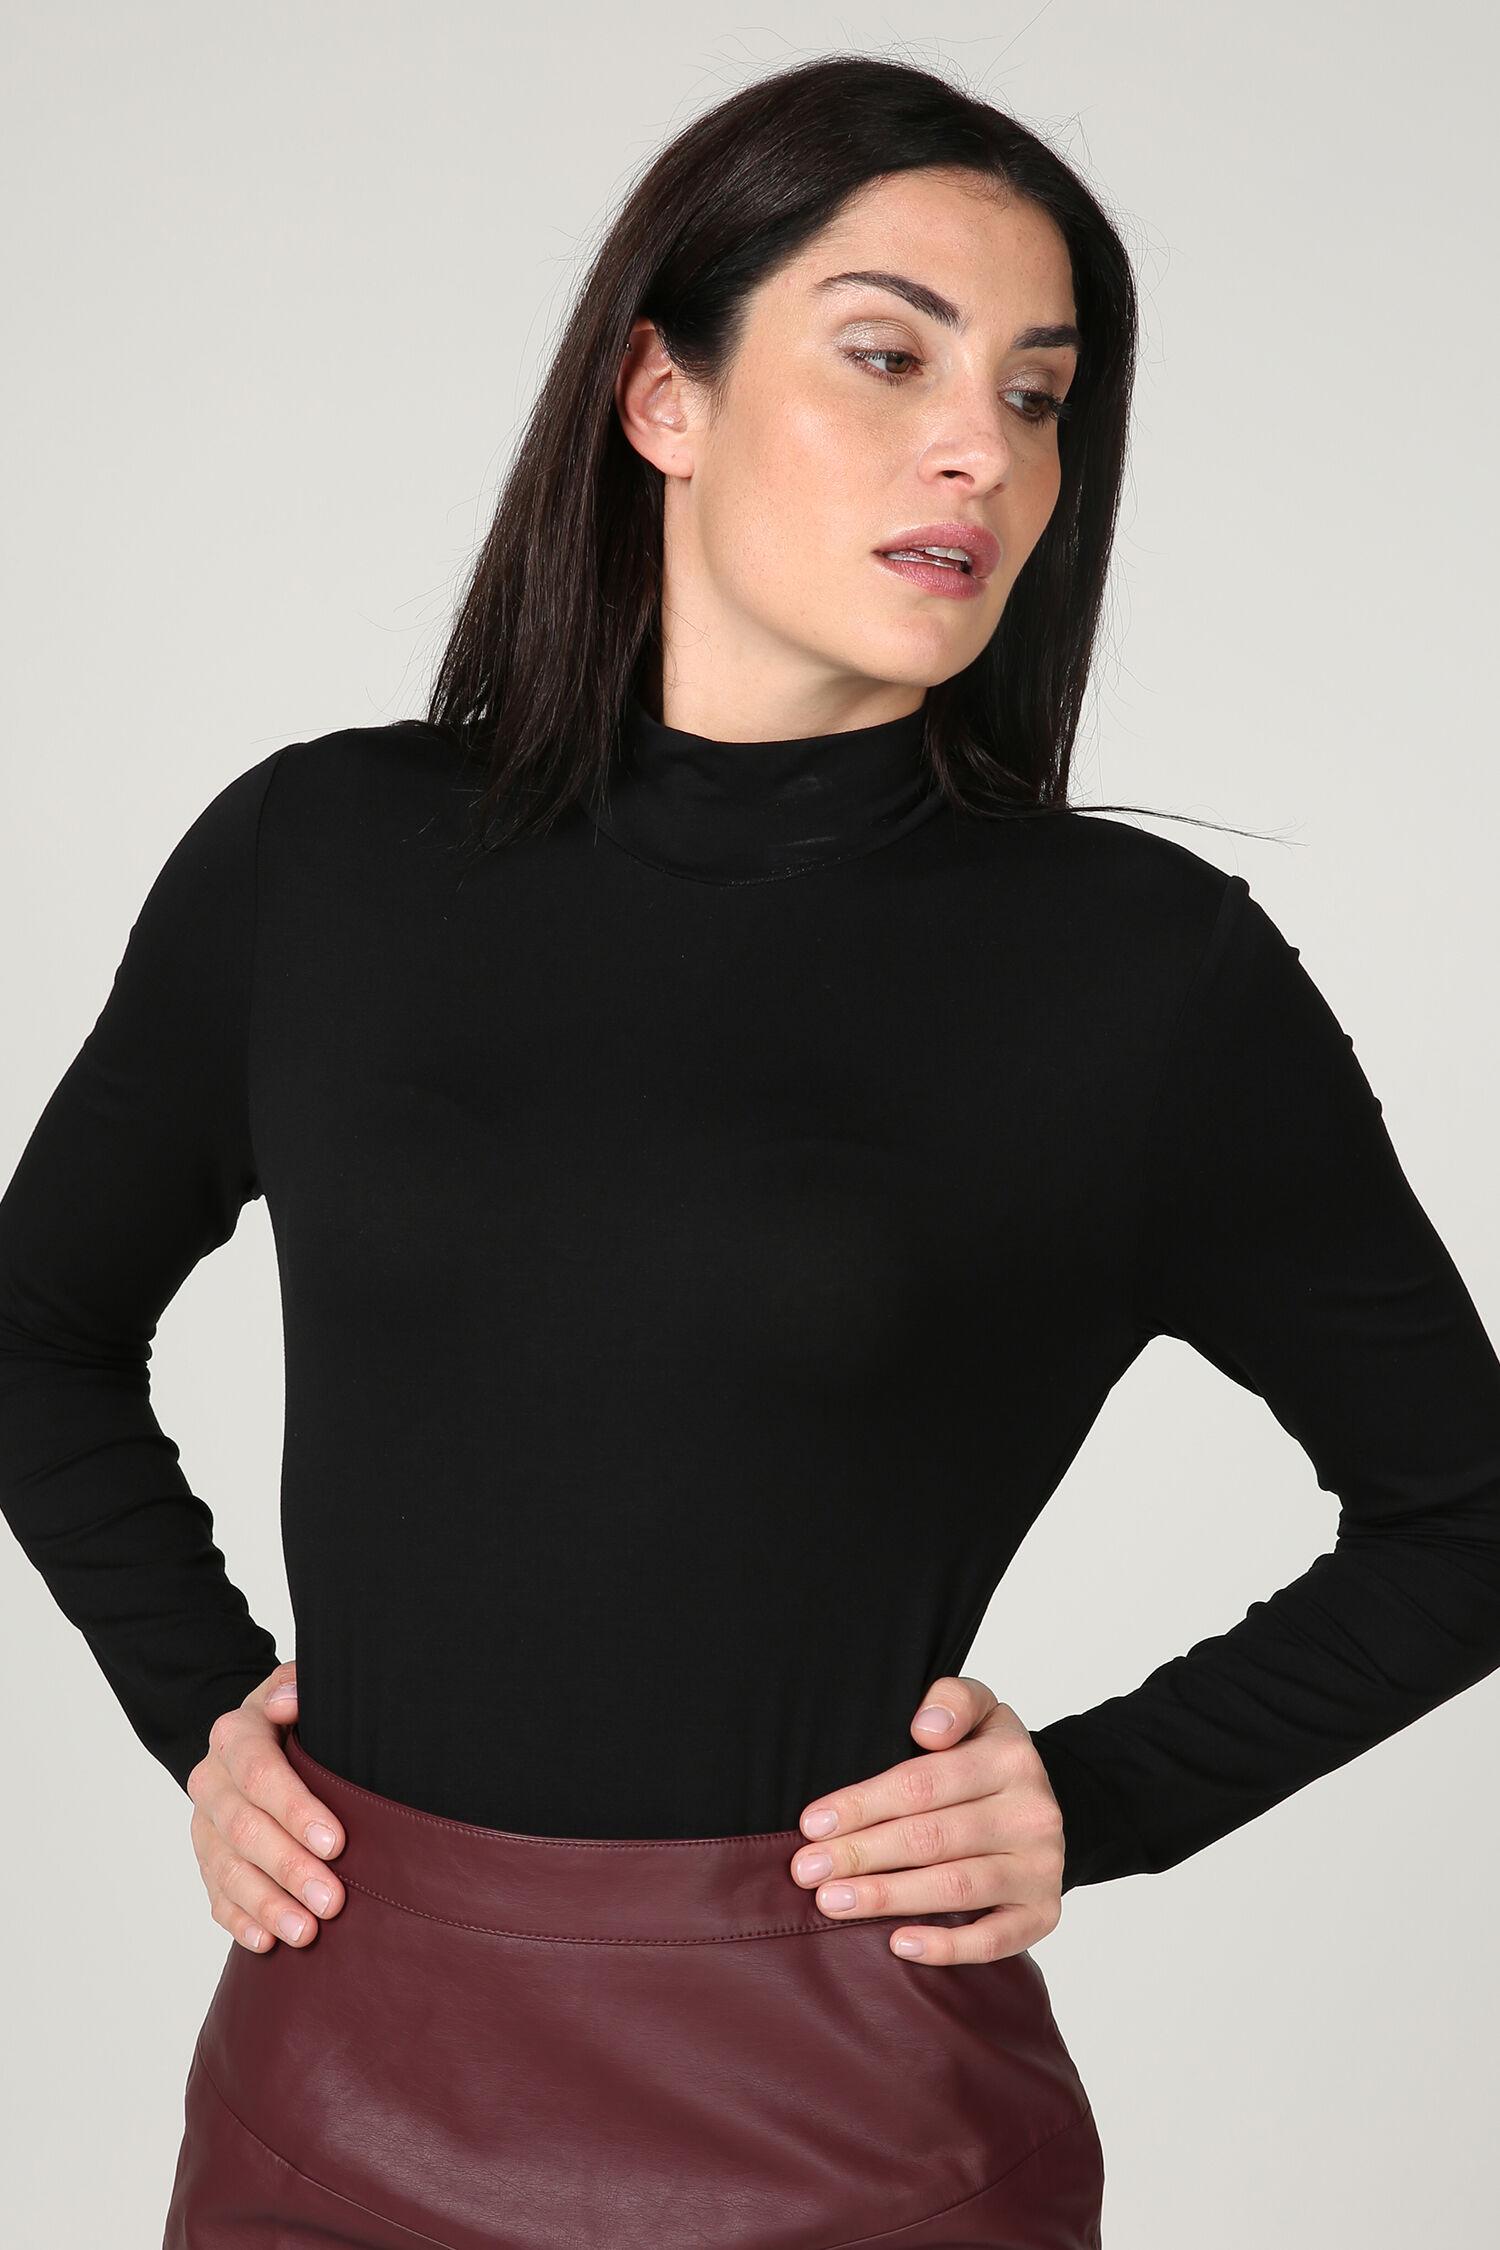 Femme De D'articles Choix Large Cassis Mode nqEInB